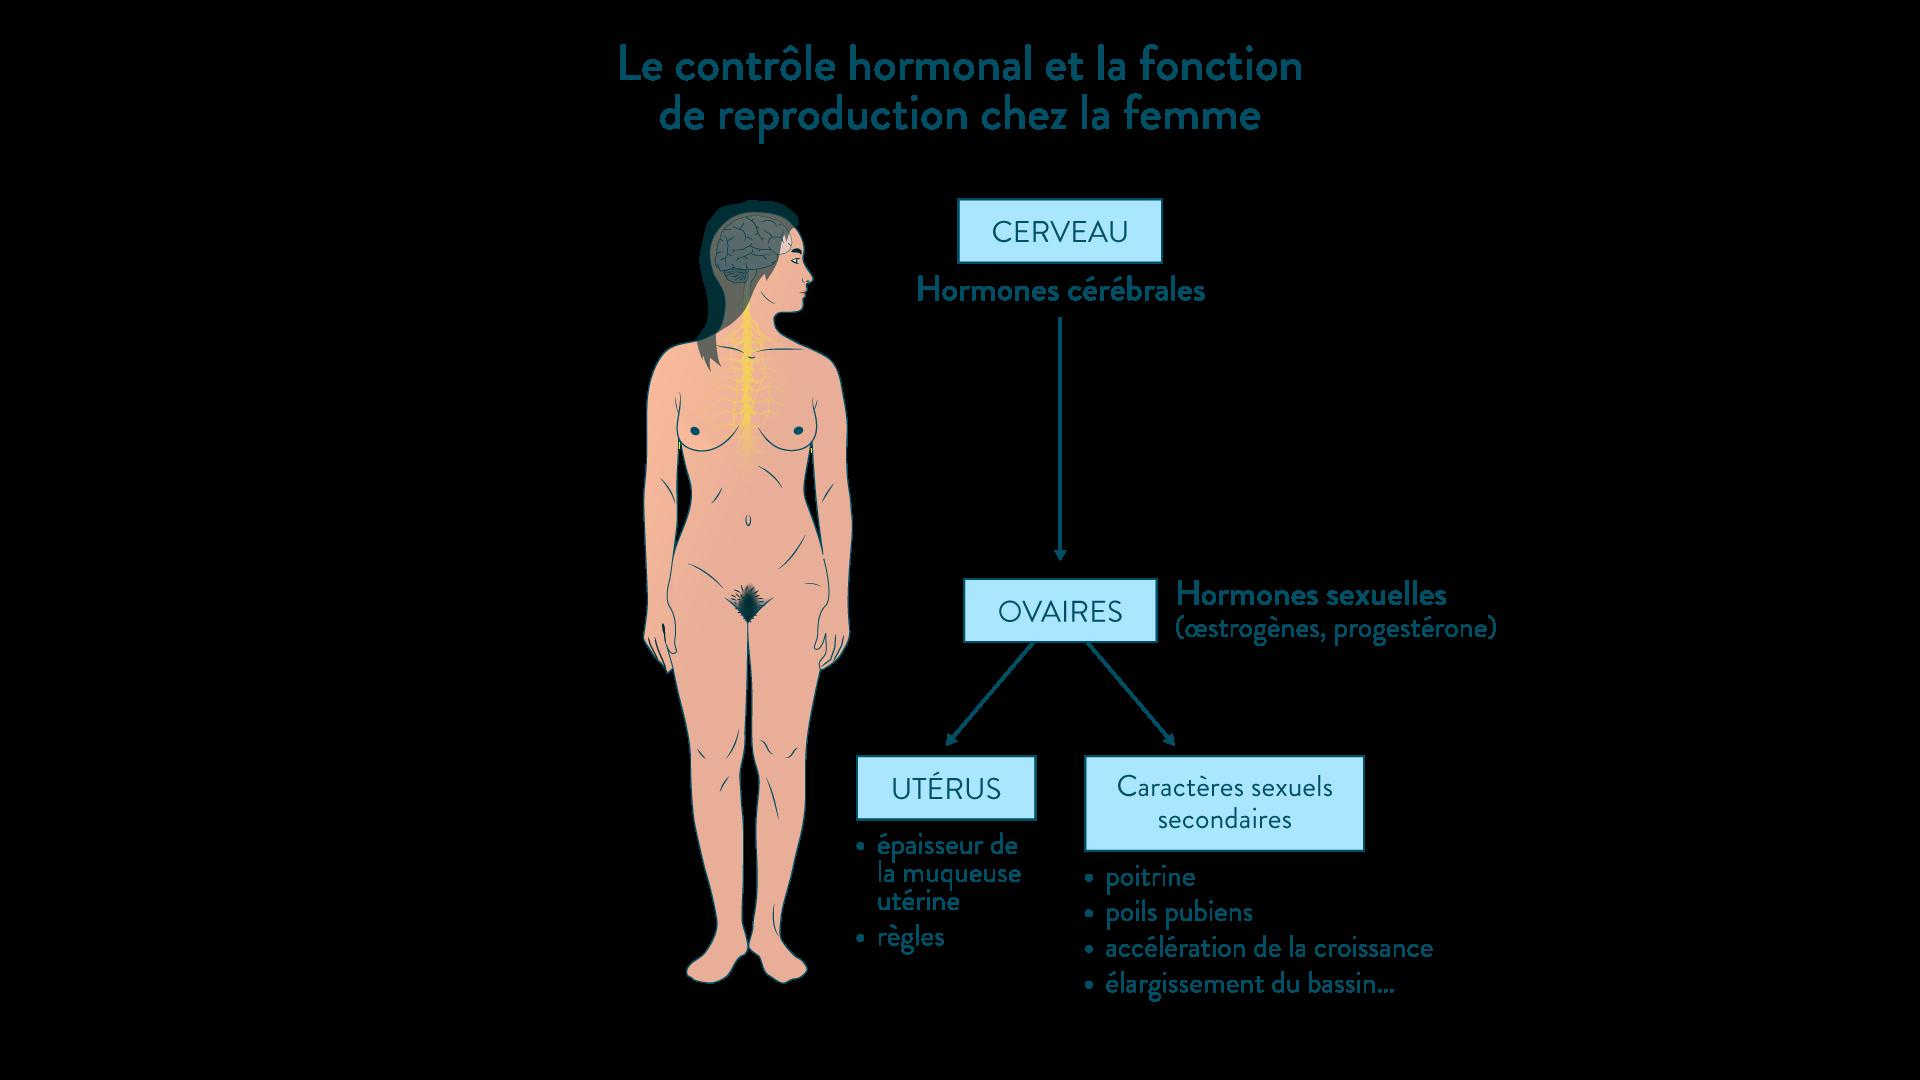 Le contrôle hormonal de la fonction de reproduction chez la femme